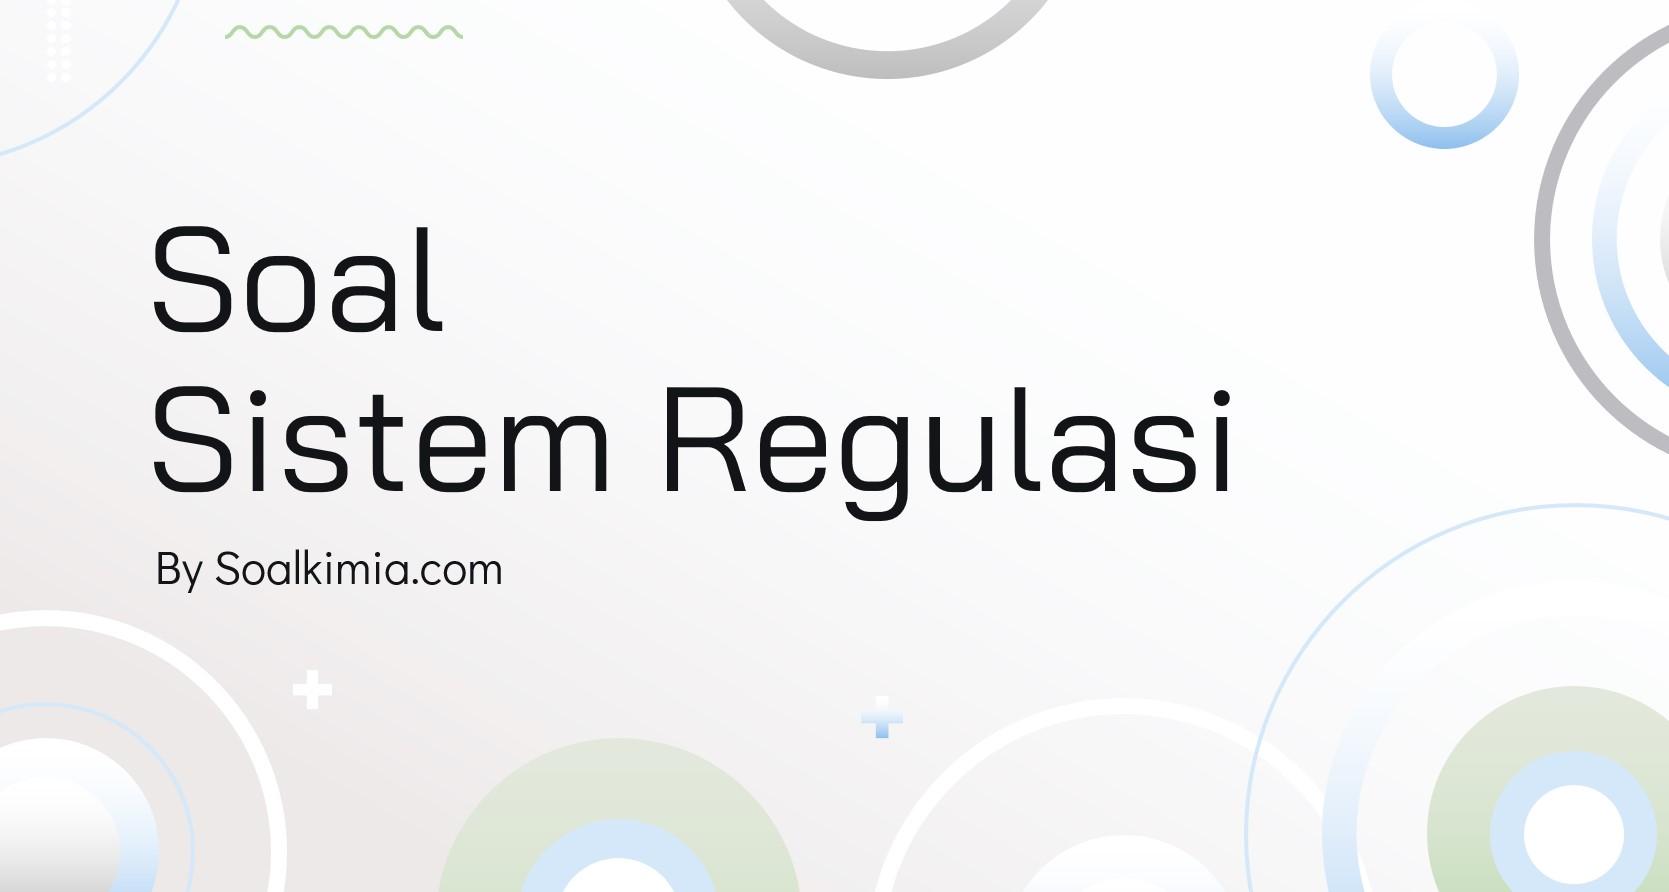 Soal Sistem Regulasi